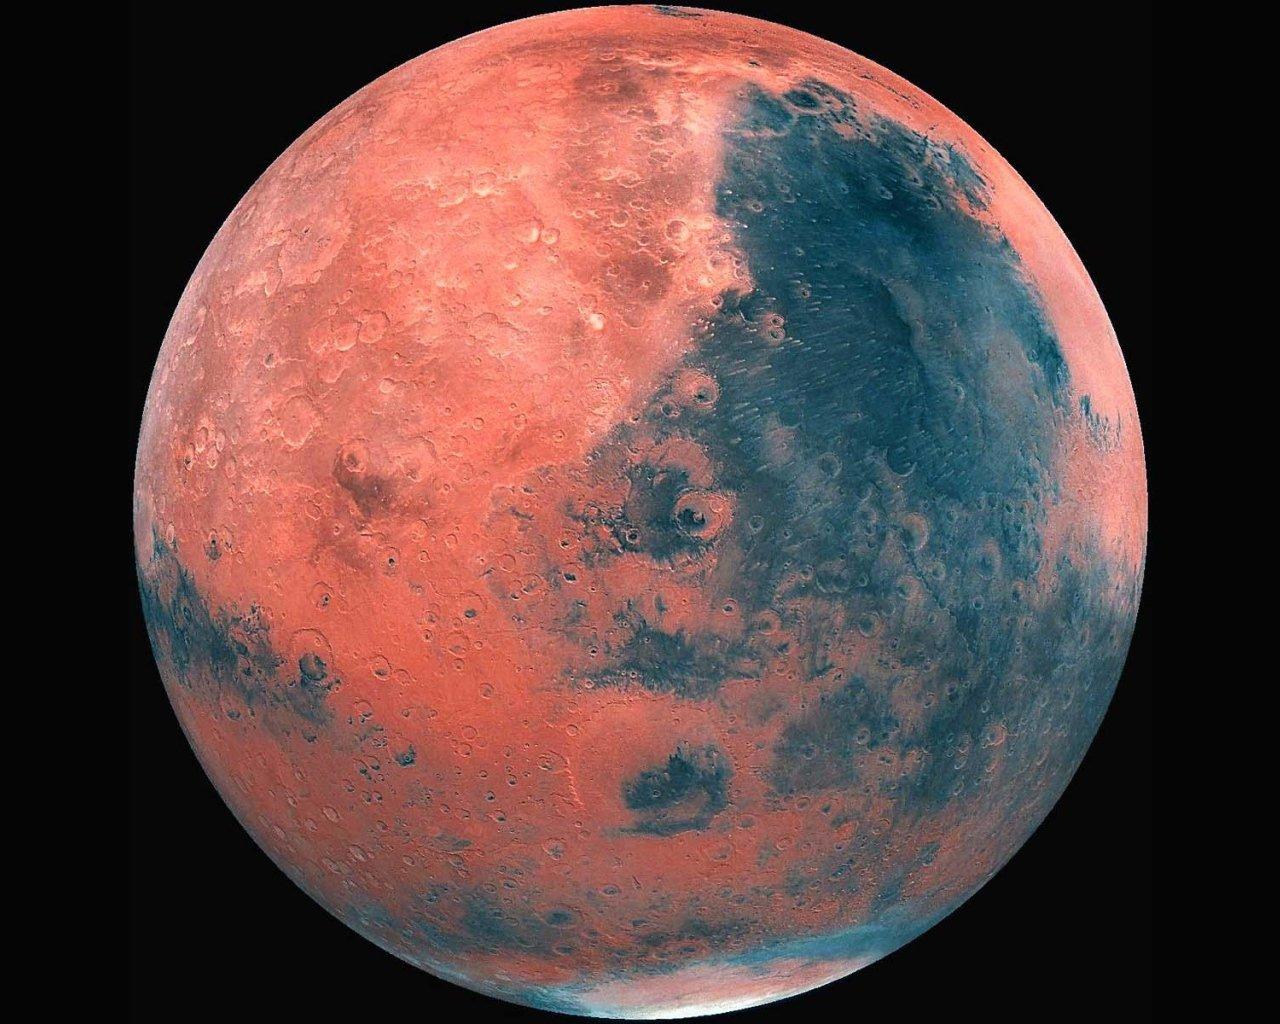 Сенсационная находка наМарсе: ученые отыскали космодром пришельцев наКрасной планете